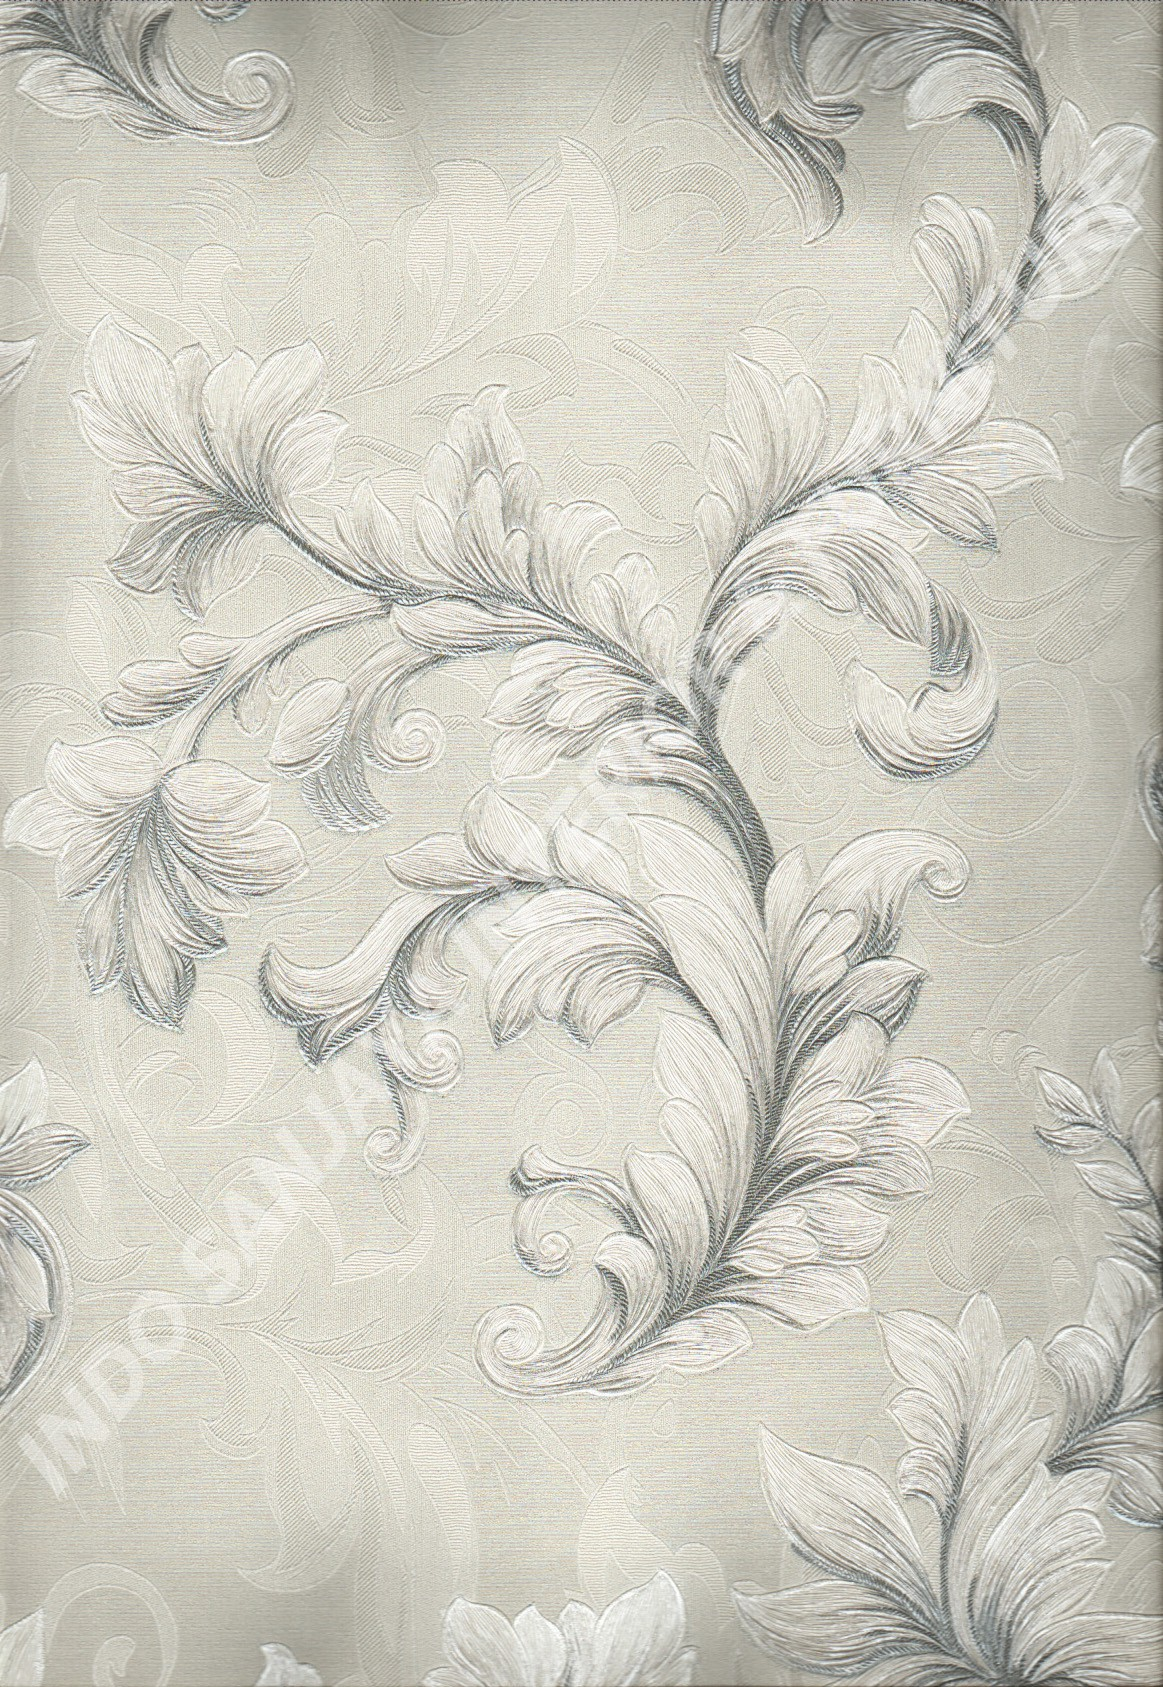 wallpaper   Wallpaper Klasik Batik (Damask) 87063:87063 corak  warna